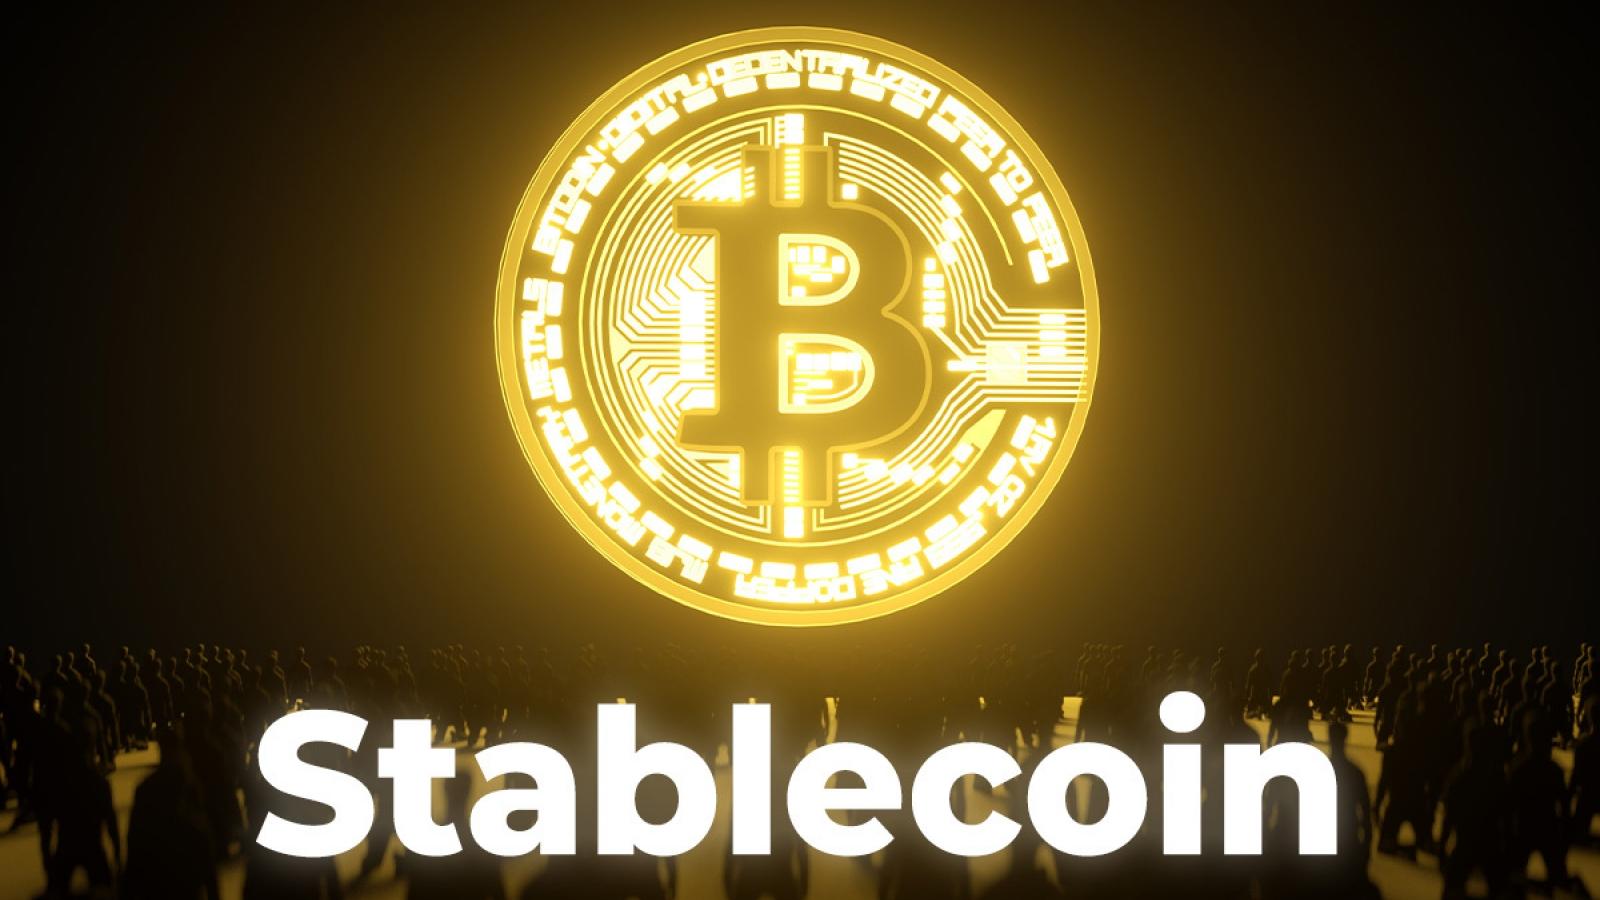 BTC stablecoin